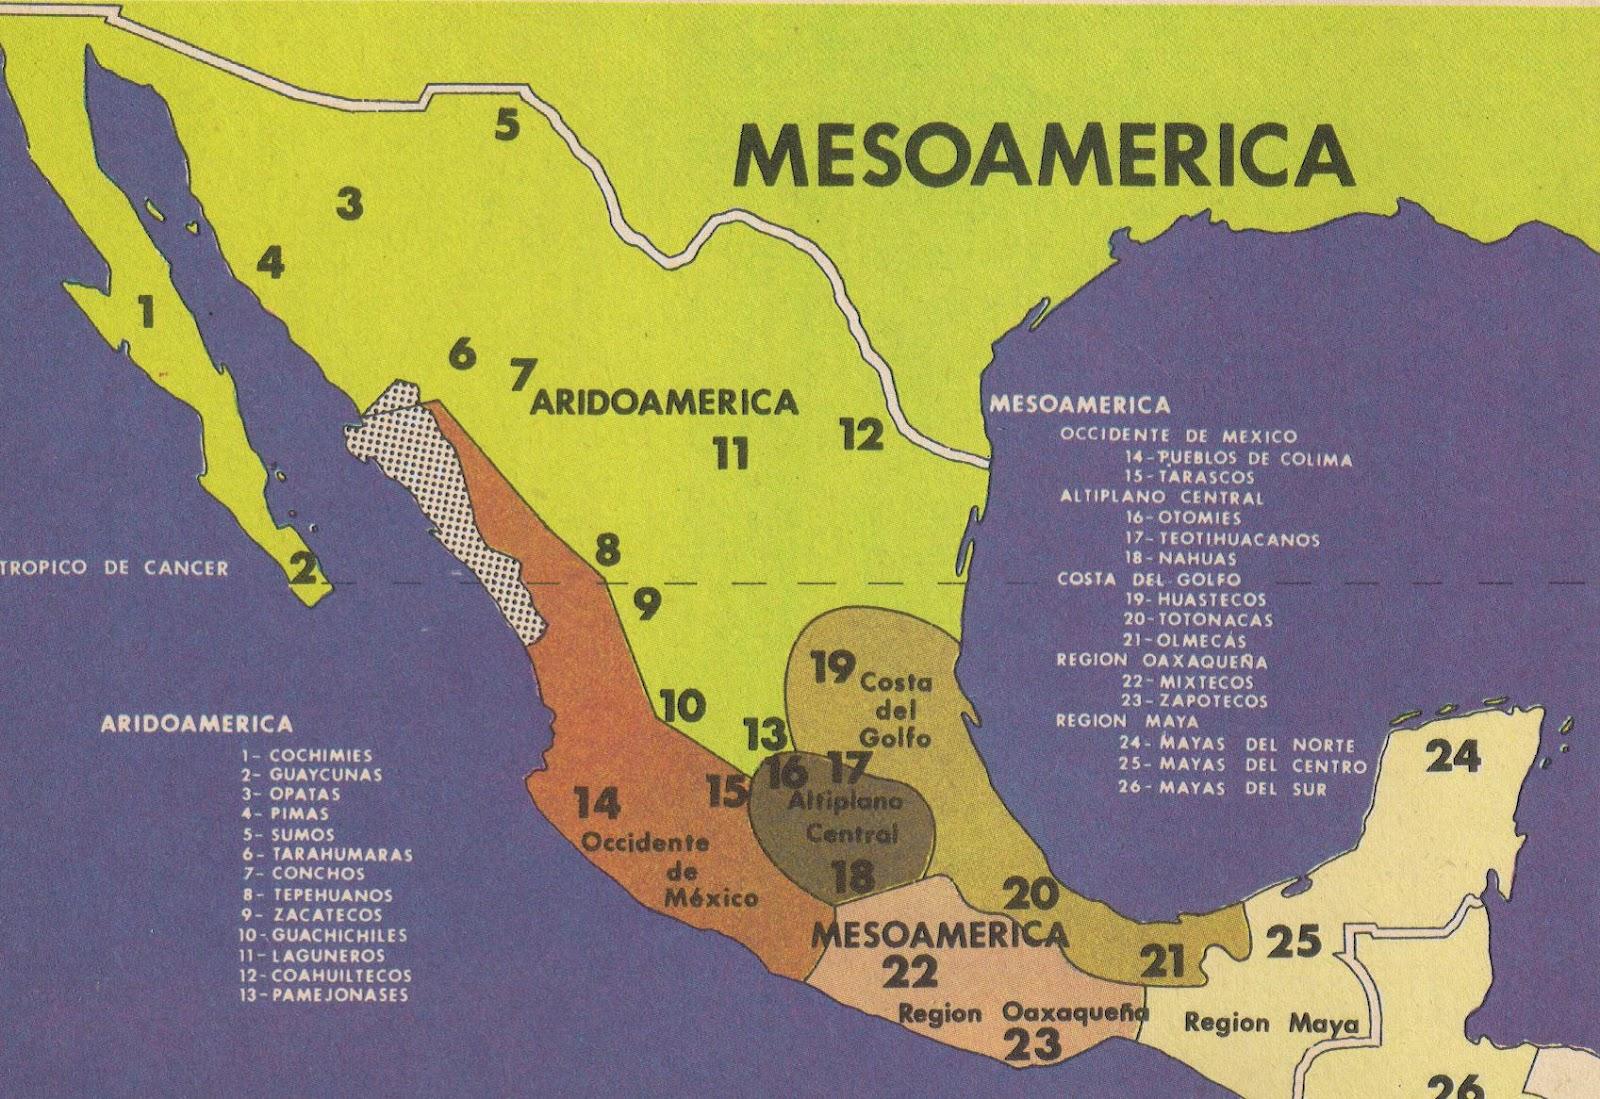 caracteristica geograficas y culturales de aridoamerica: